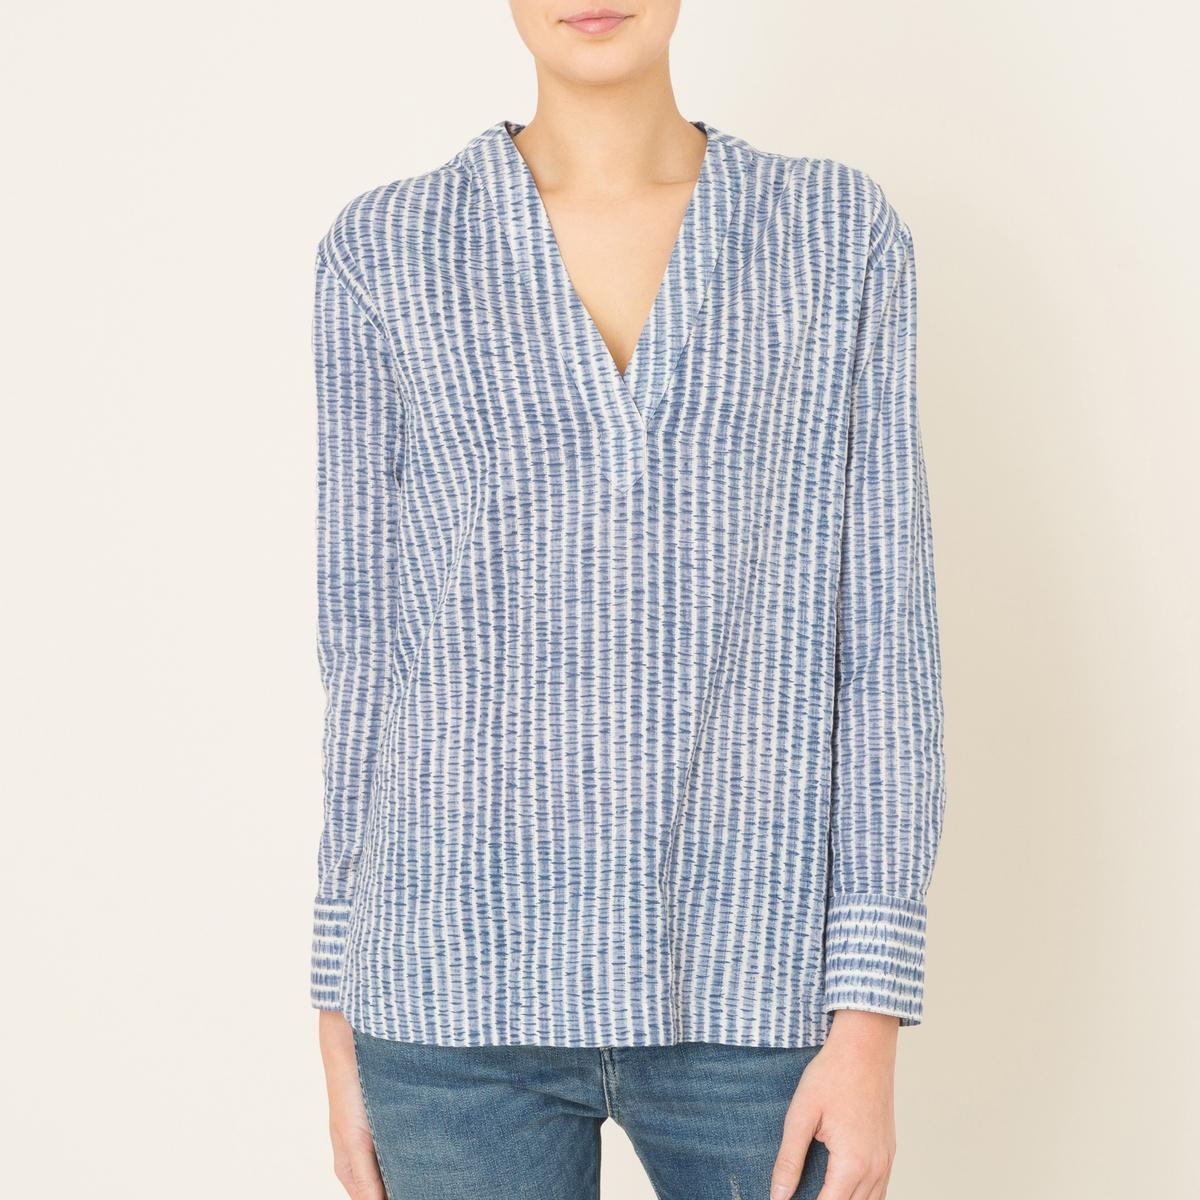 Блузка в полоску с длинными рукавамиСостав и описание   Материал : 80% хлопок, 20% полиэстер.   Марка : STELLA FOREST<br><br>Цвет: темно-синий